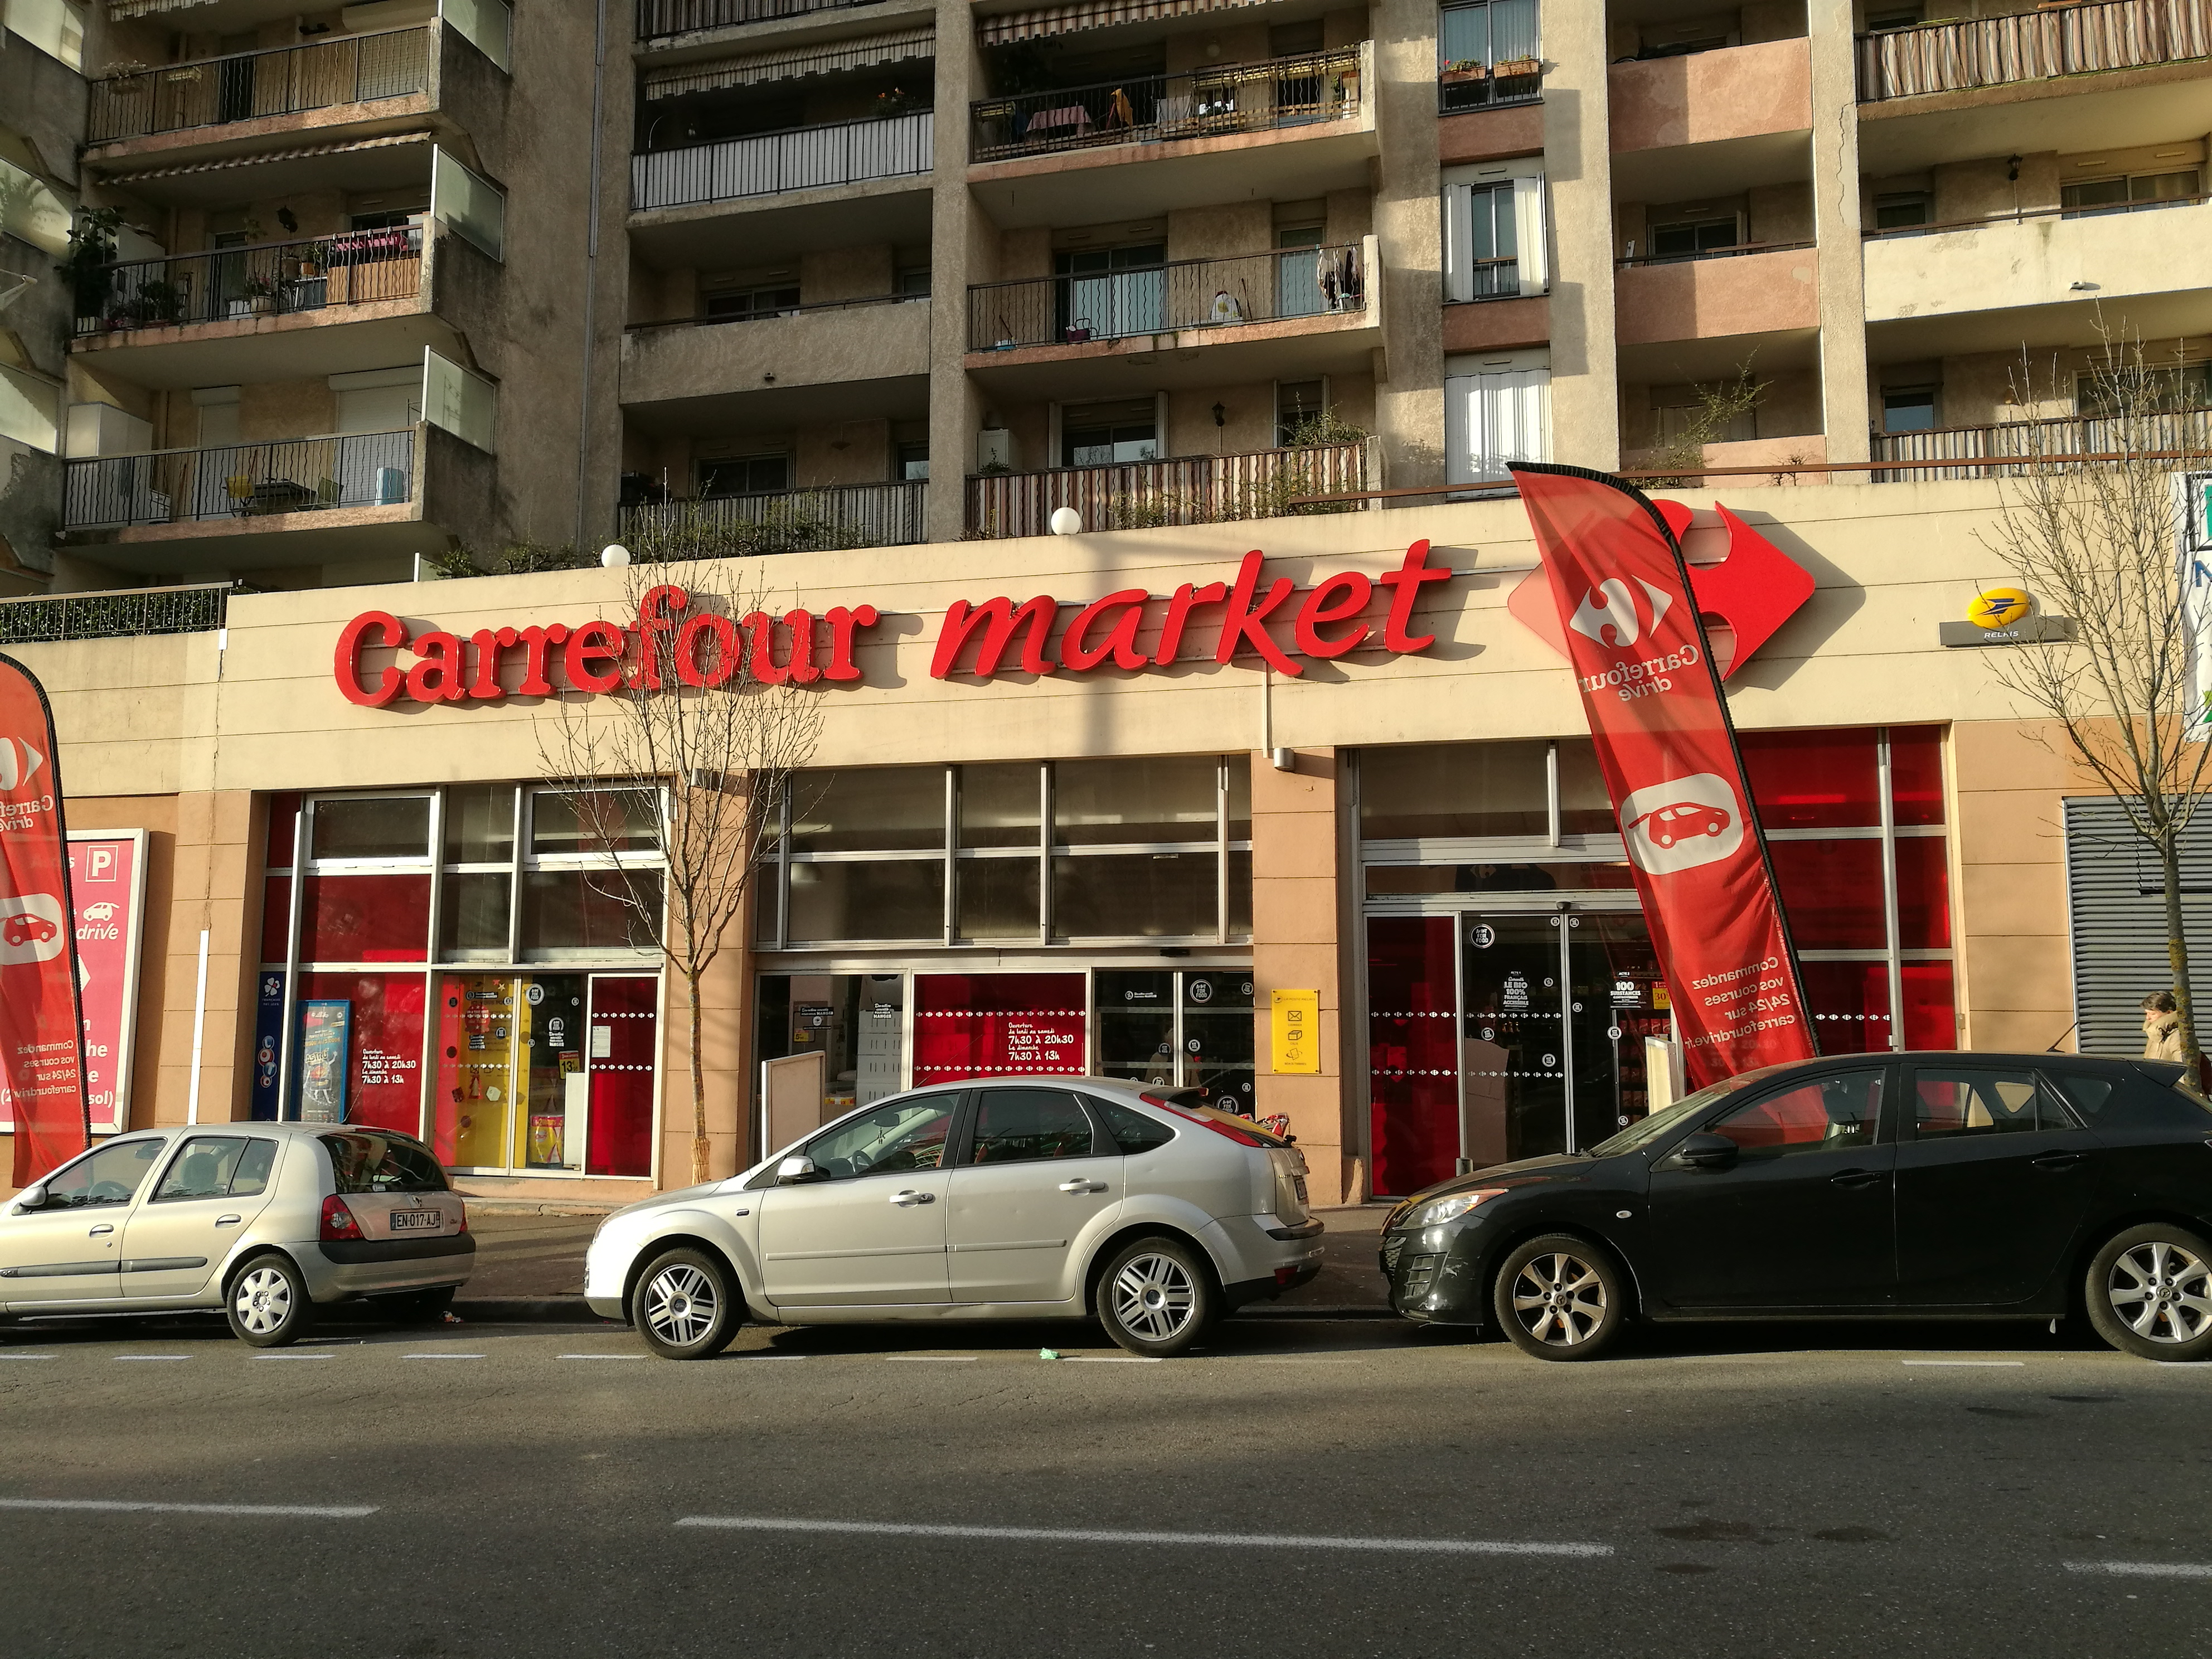 Carrefour Market Nice Pessicart